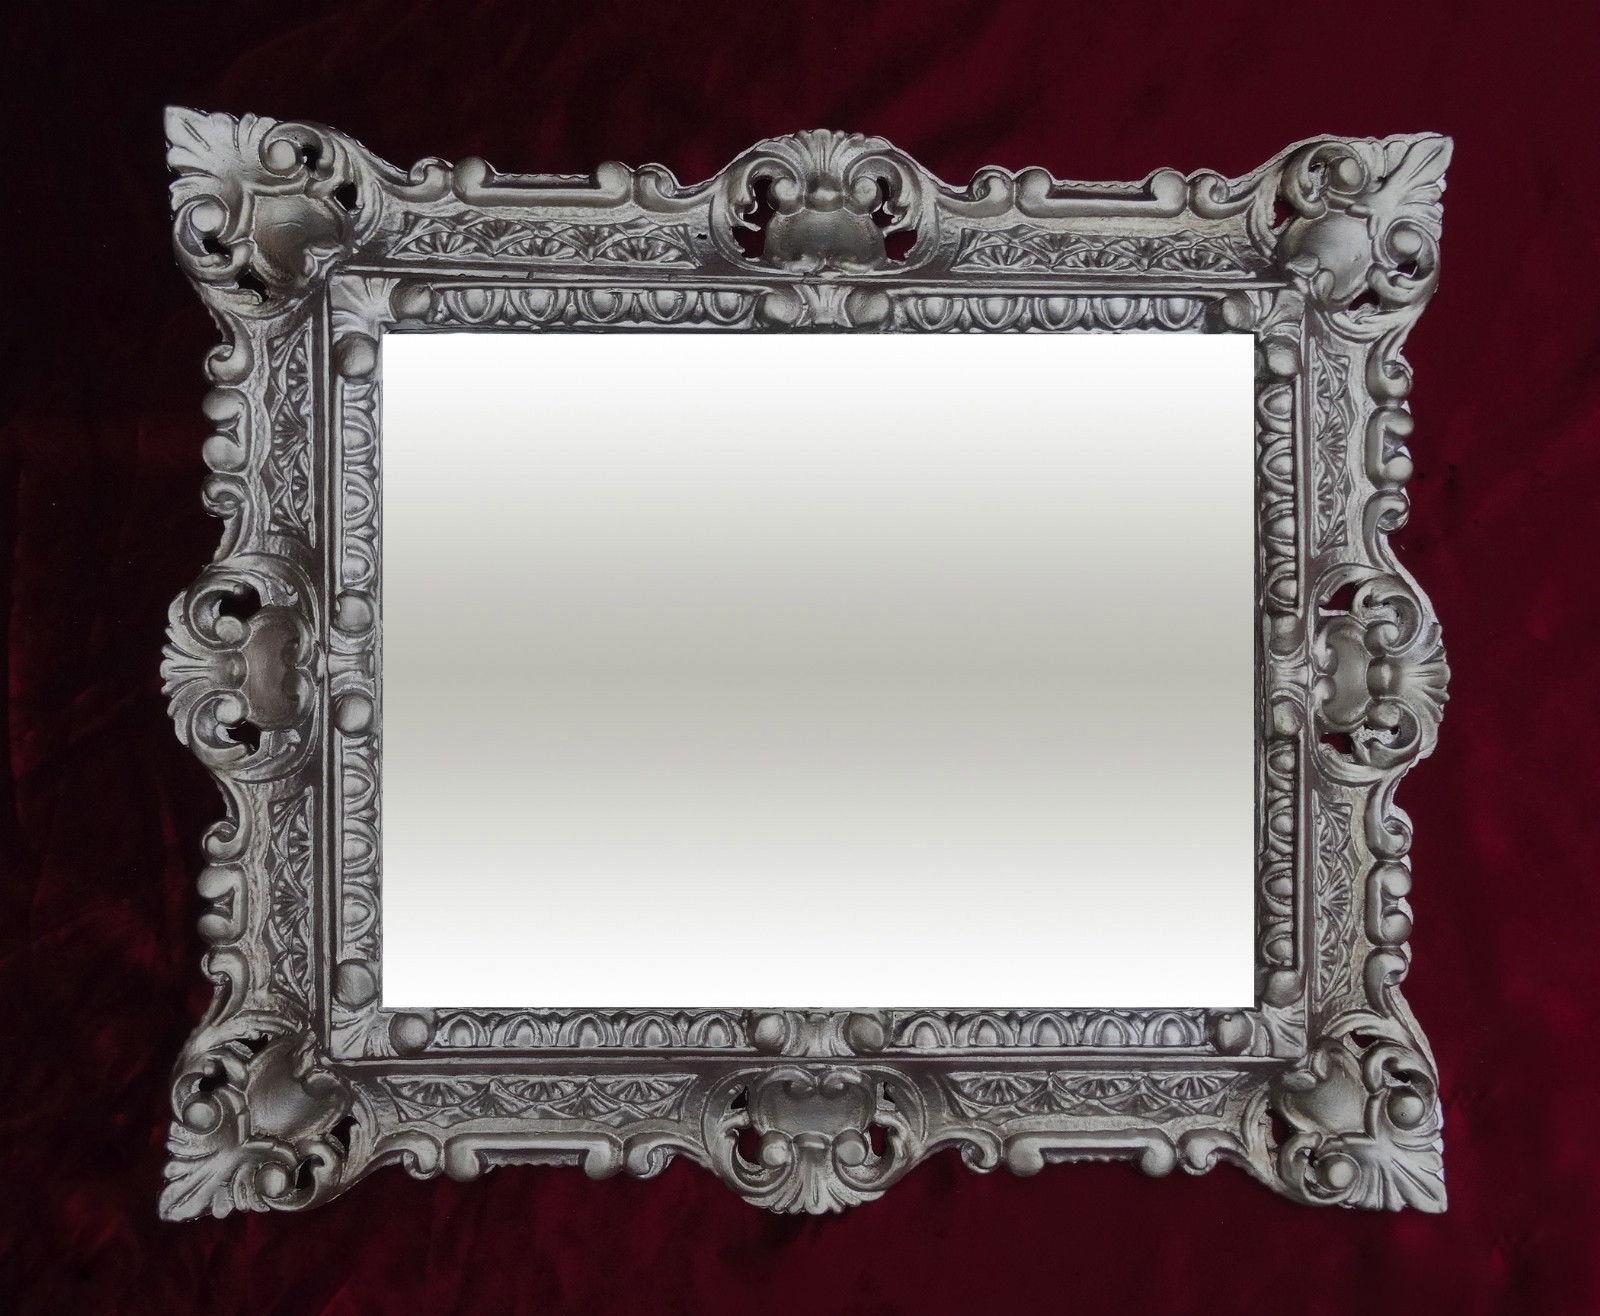 Badezimmerspiegel Rechteckig.Spiegel Wanddeko Great Wanddeko Und Spiegel Von Guido Designt Ja